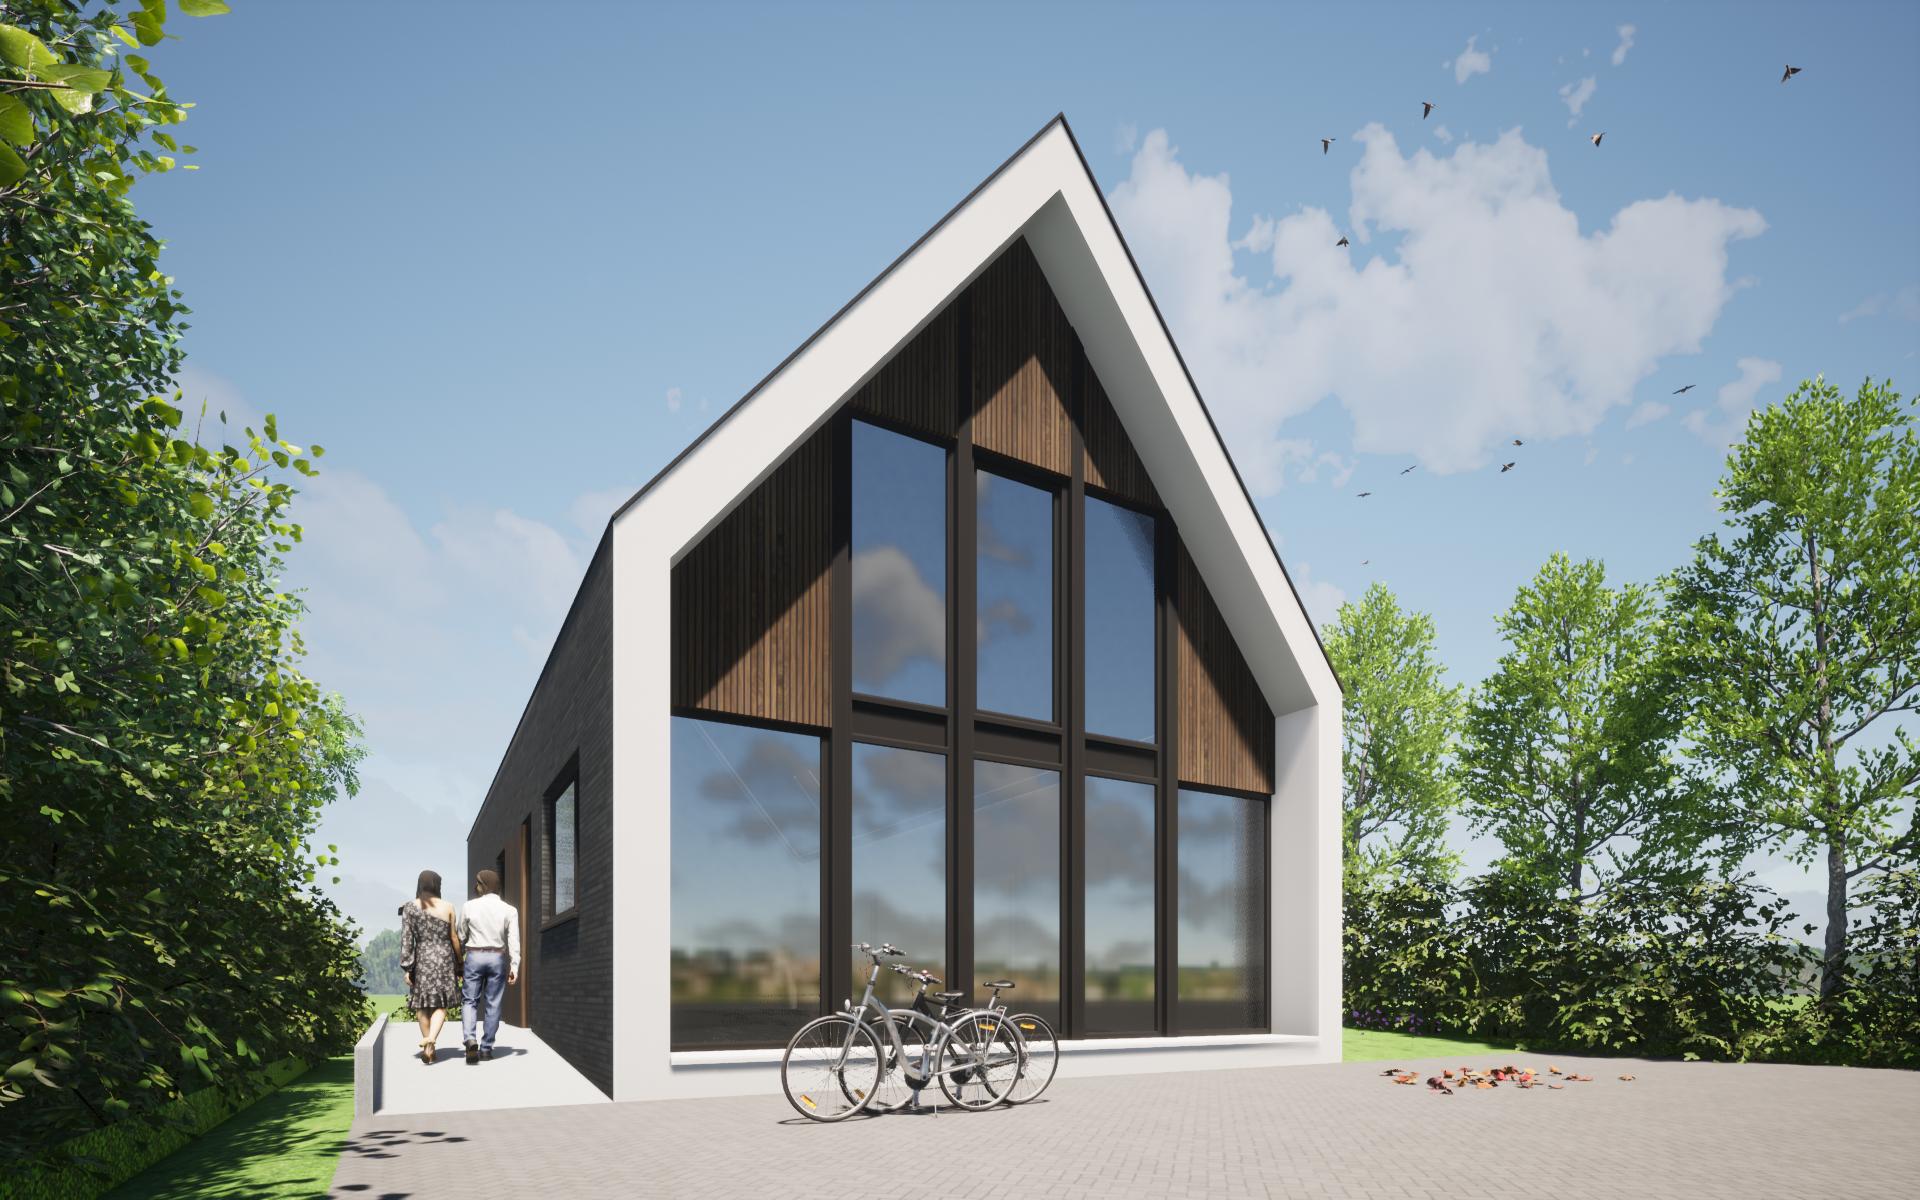 schuurwoning modern architectuur ontwerp 1